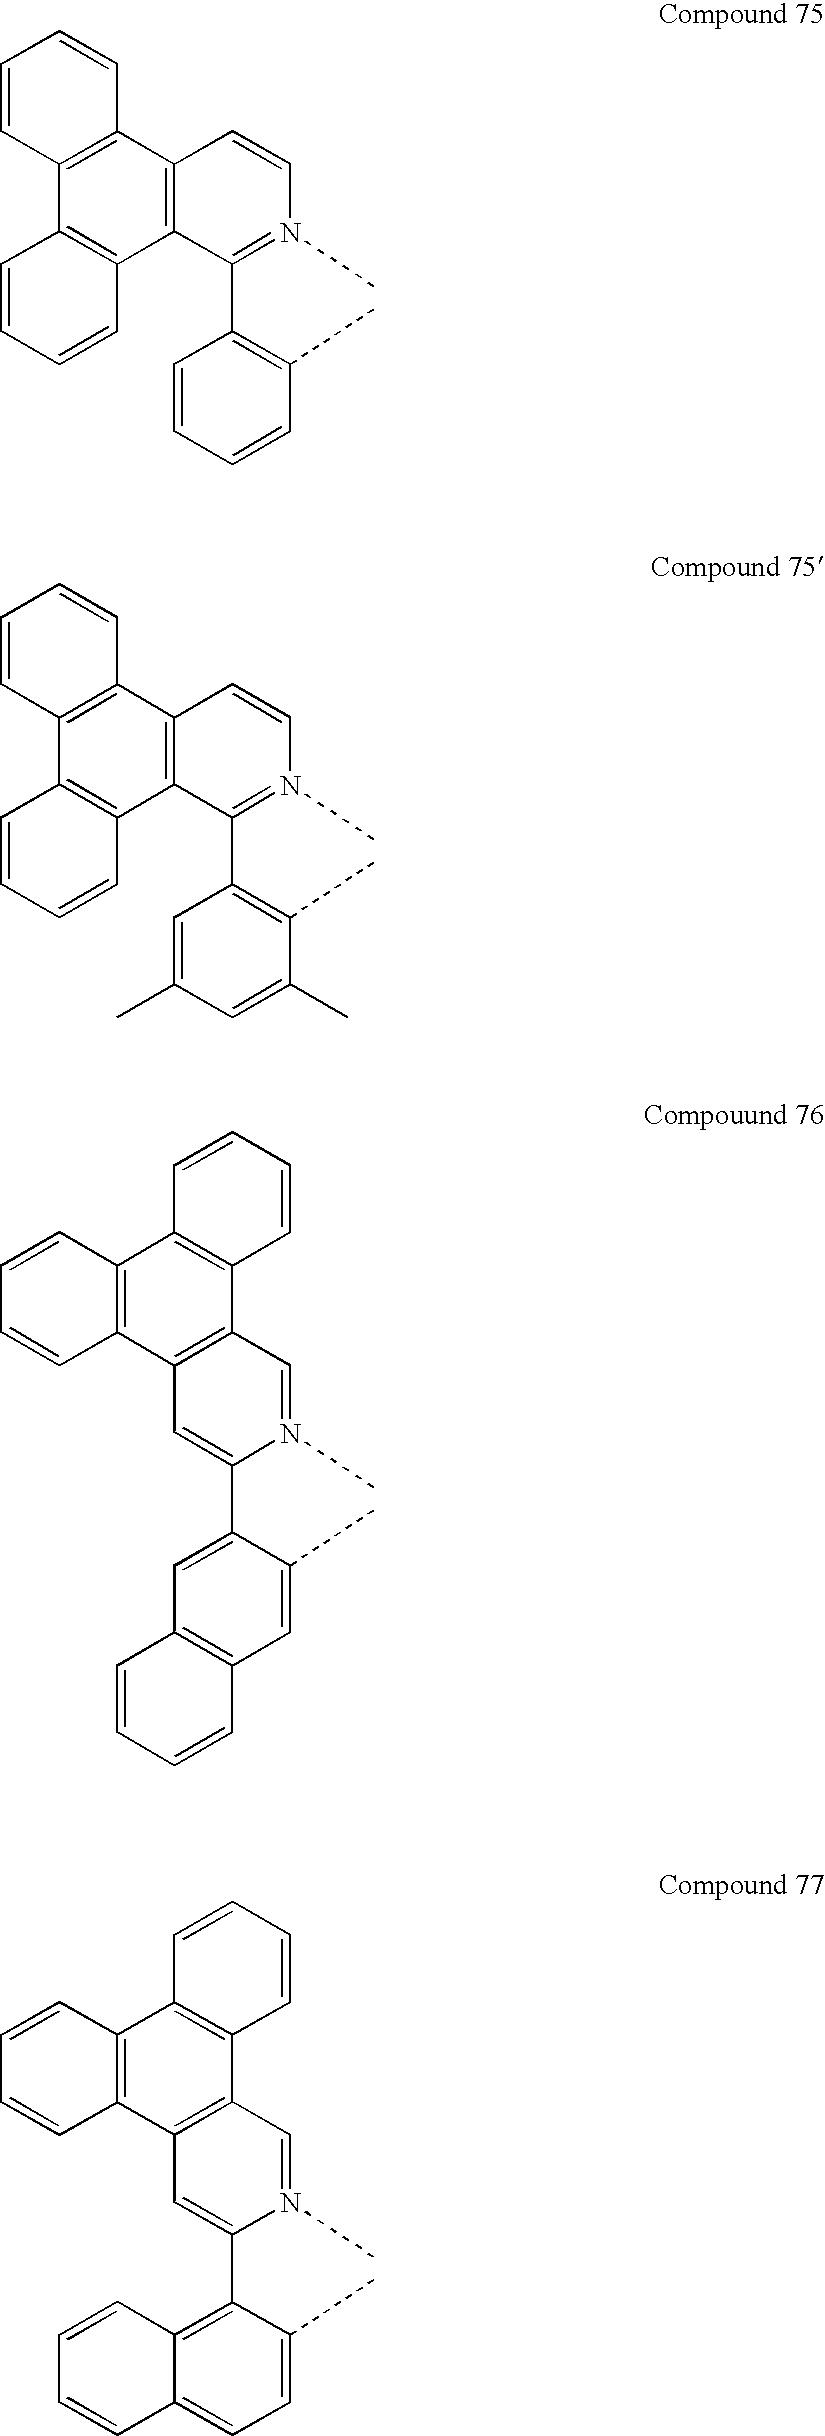 Figure US20100289406A1-20101118-C00204